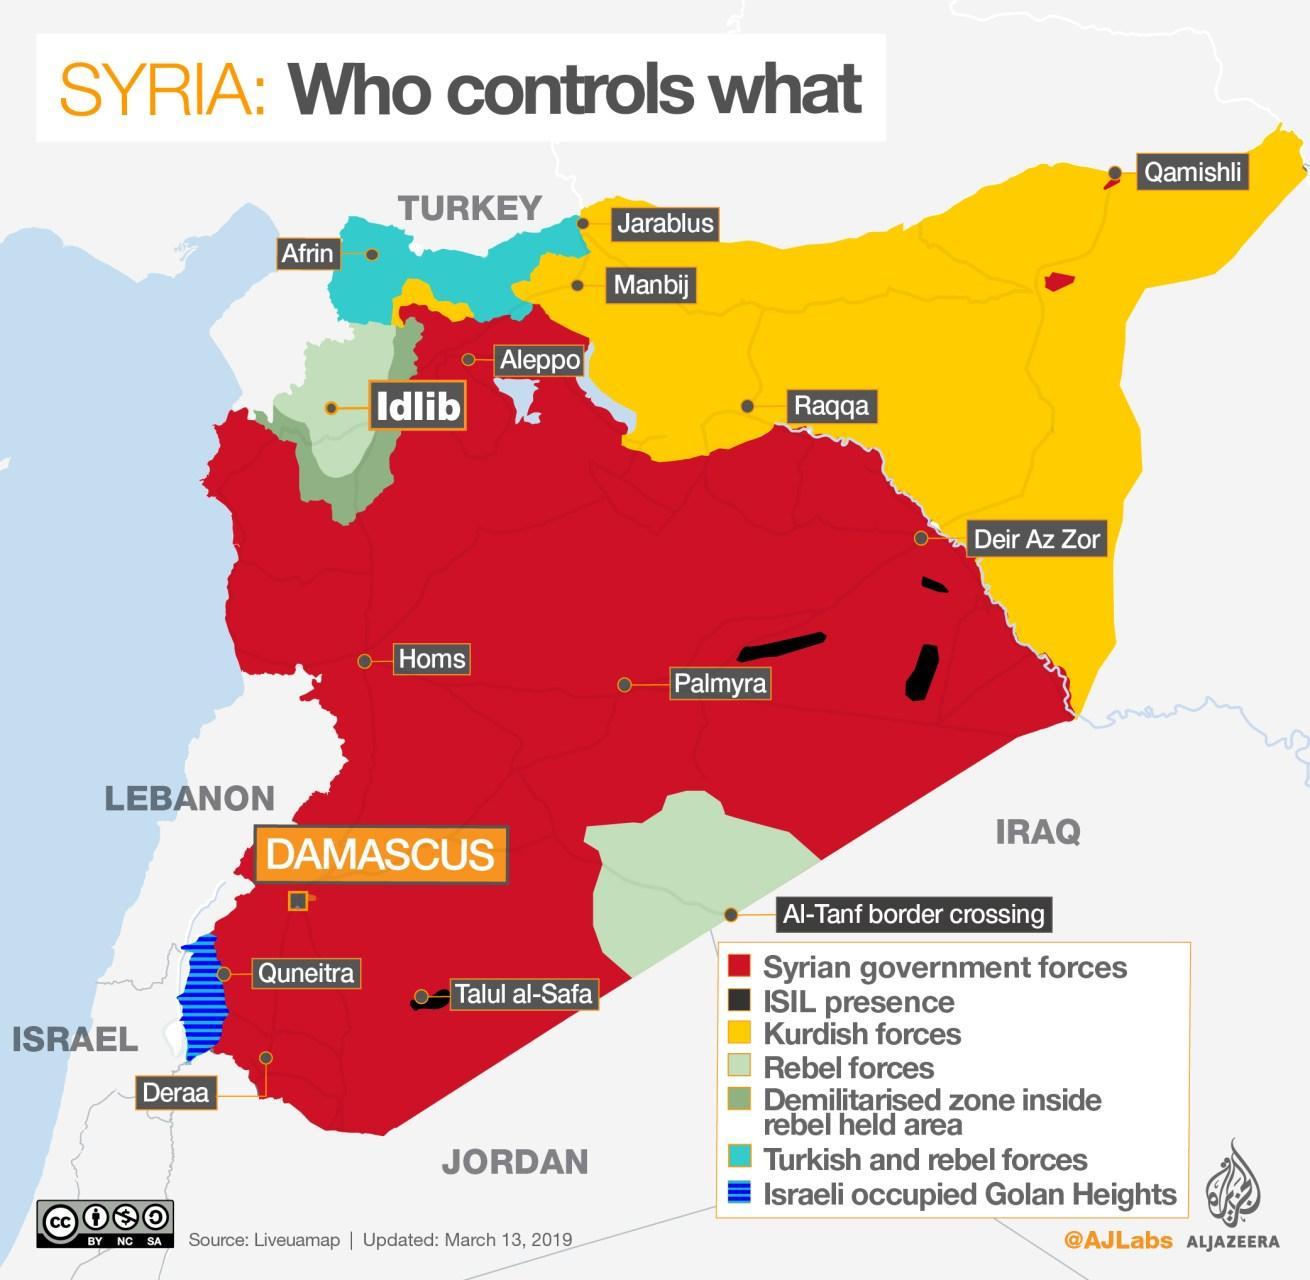 Guerra De Siria Mapa.Los Retos De La Siria De Al Asad Cuando Acabe La Guerra El